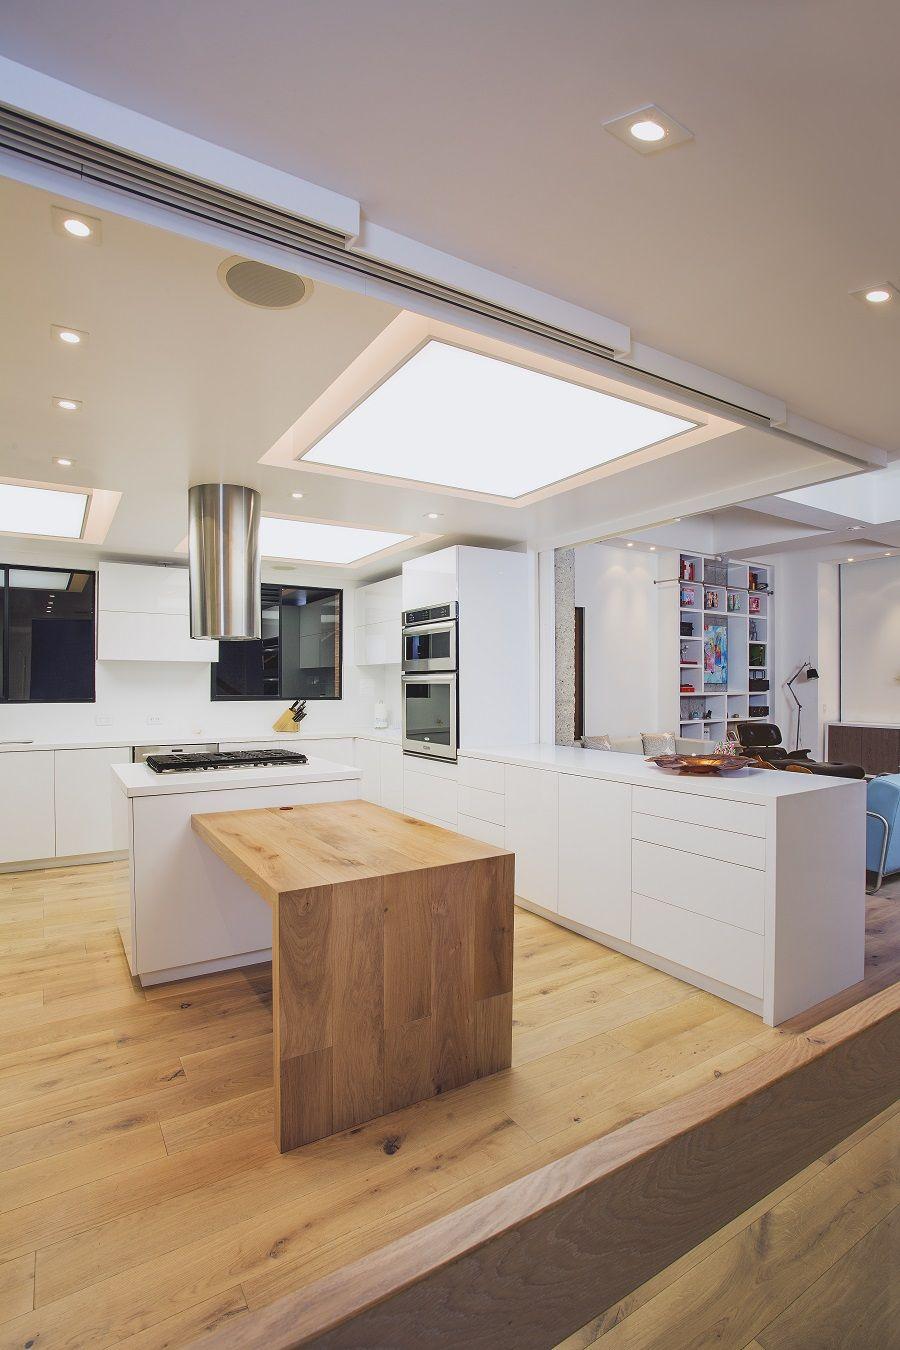 Cocina Iluminacion Cocina Techos Abovedados Galer A De Fotos  ~ Iluminacion Para Cocinas Techos